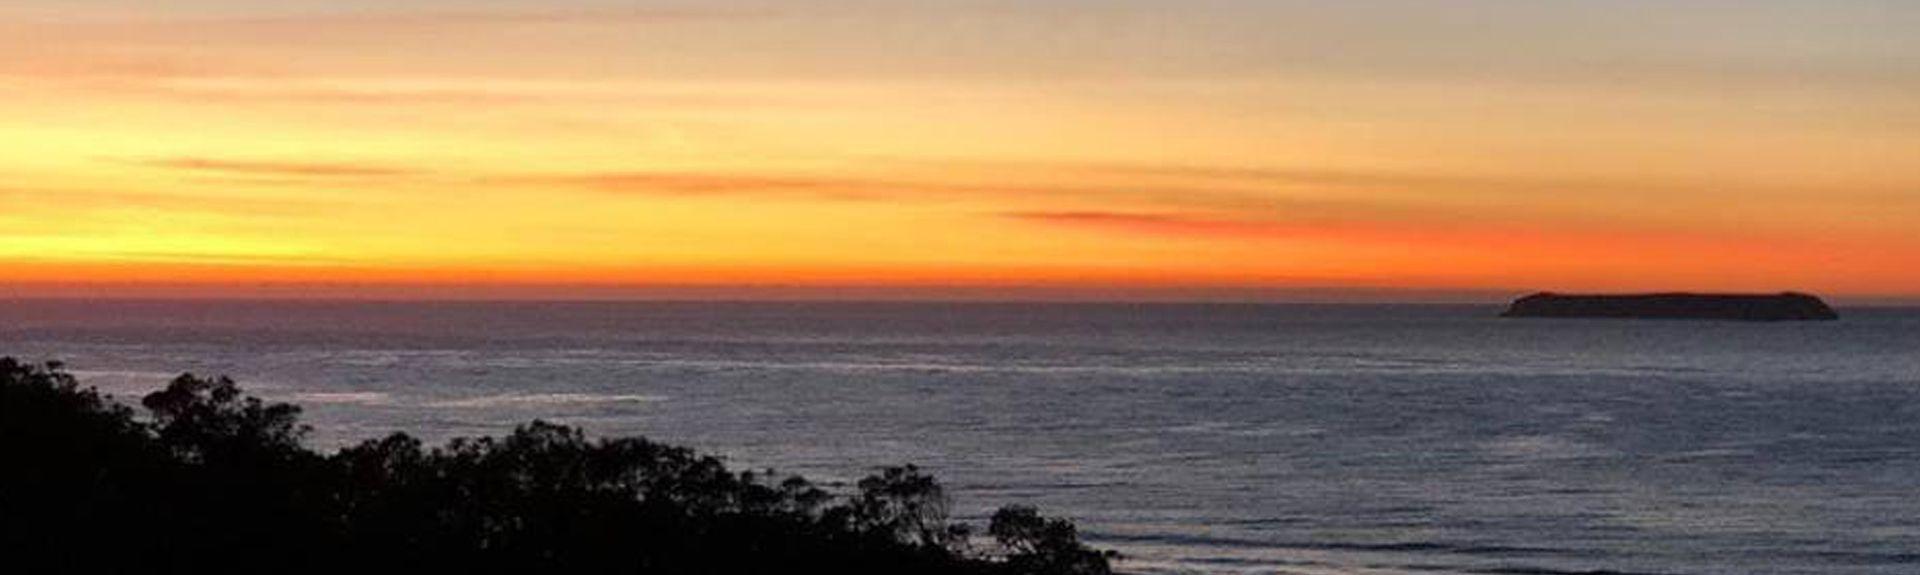 Morro da Cruz, Florianopolis, Santa Catarina, Brasile